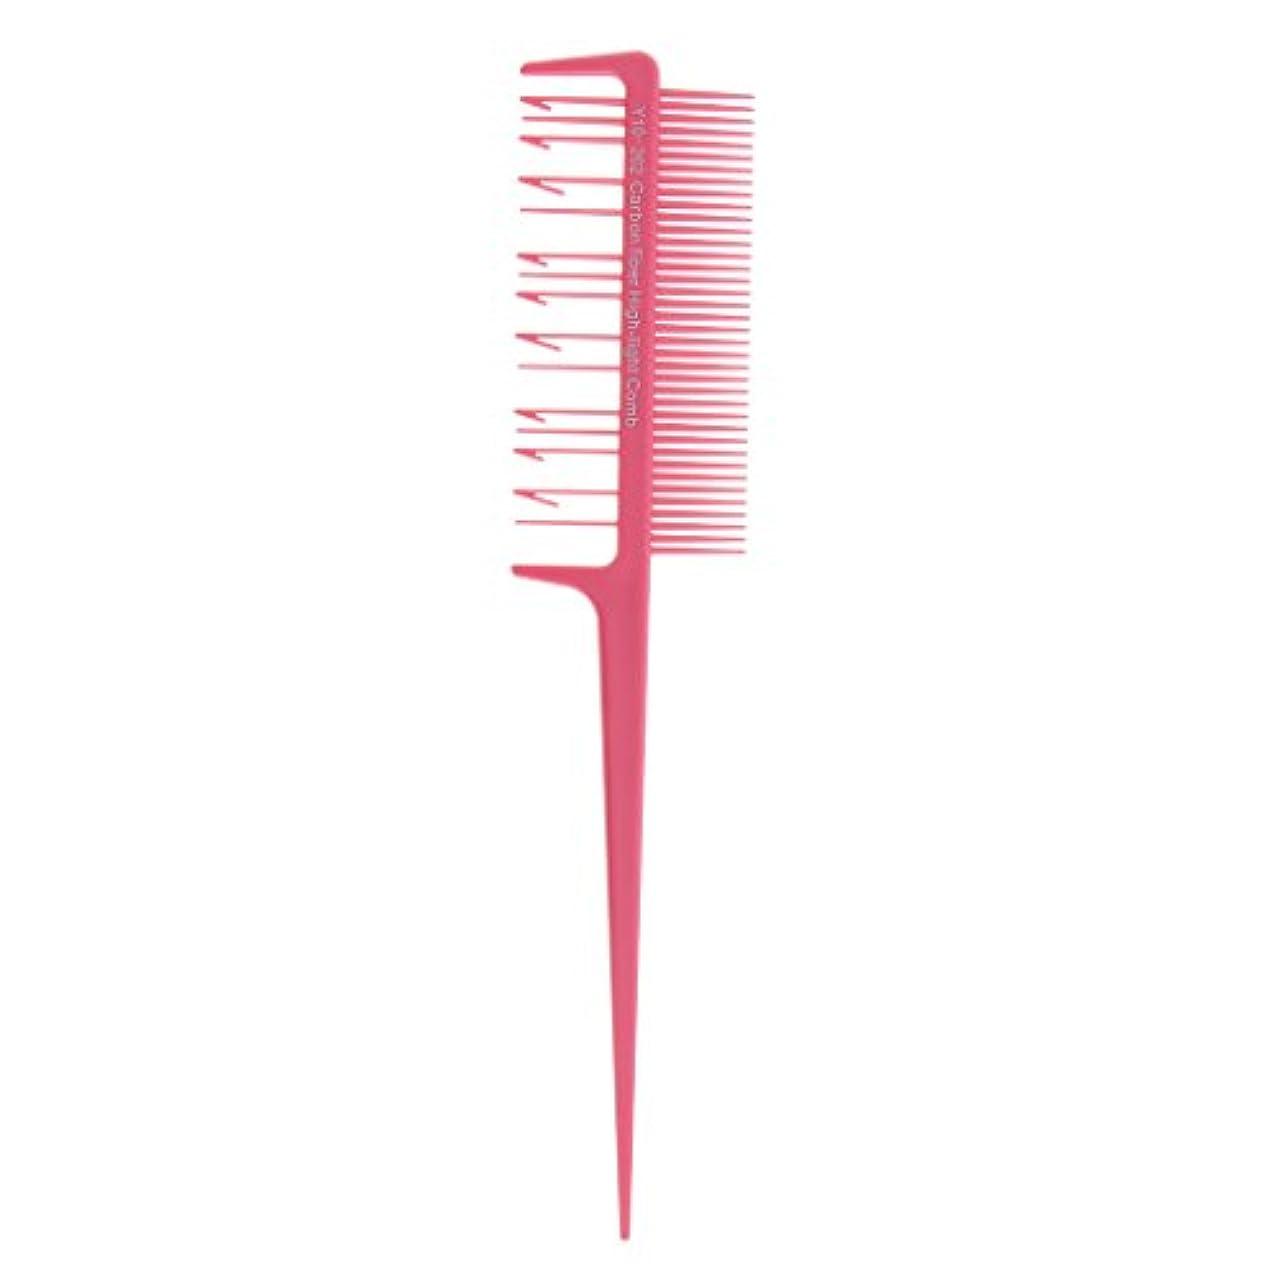 サドル実際咳Toygogo プラスチック ヘアダイ ブラシ コーム ヘアカラーブラシ ヘアブラシ 櫛 洗浄 簡単 便利 全4色選べる - ピンク, 説明したように